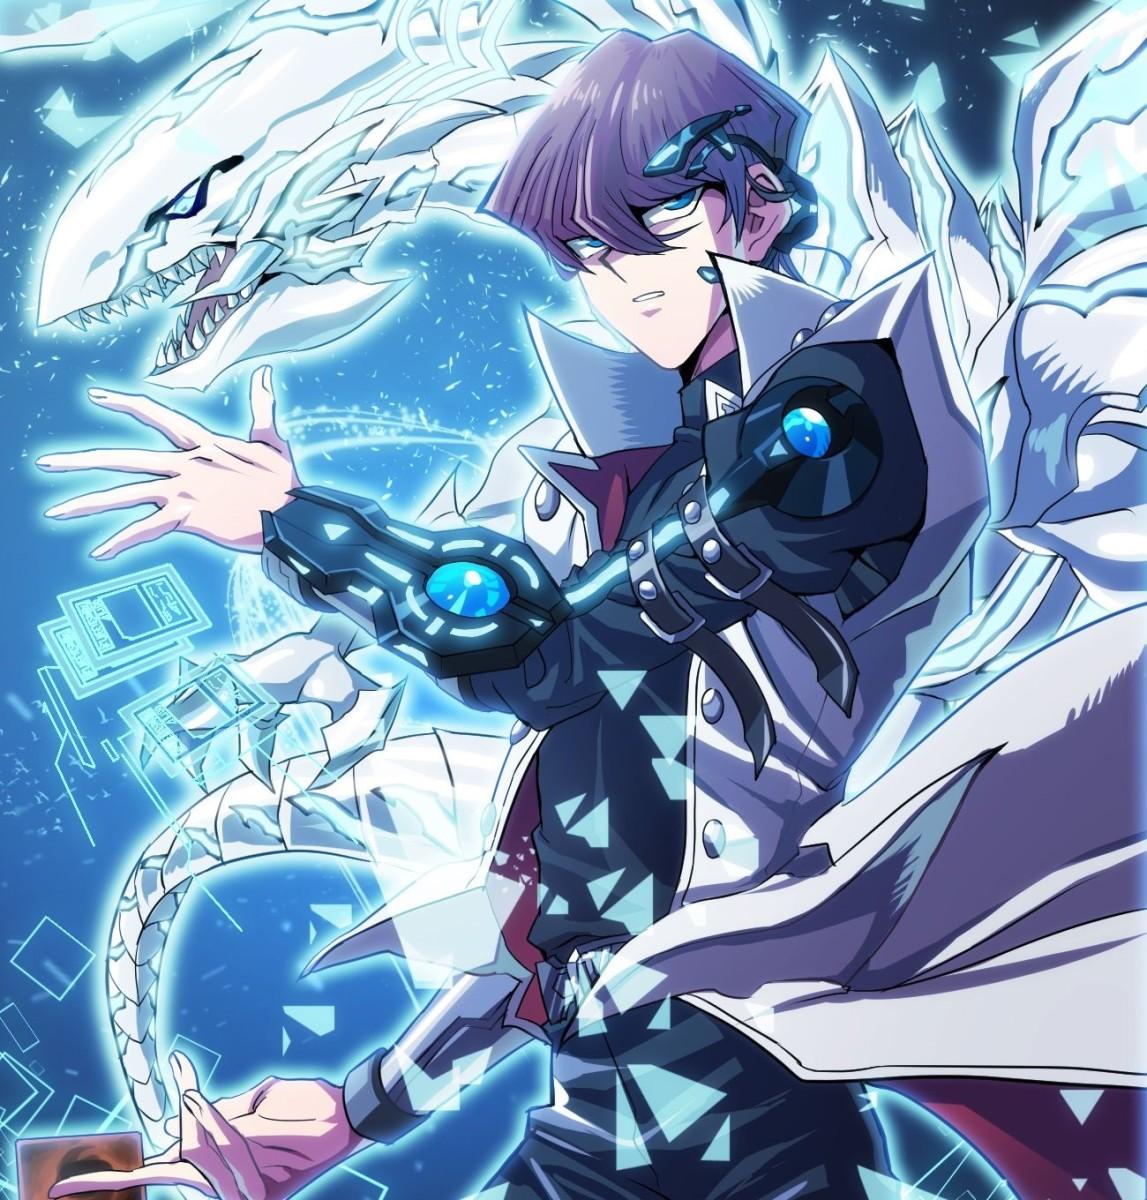 Kaiba and Blue-Eyes White Dragon